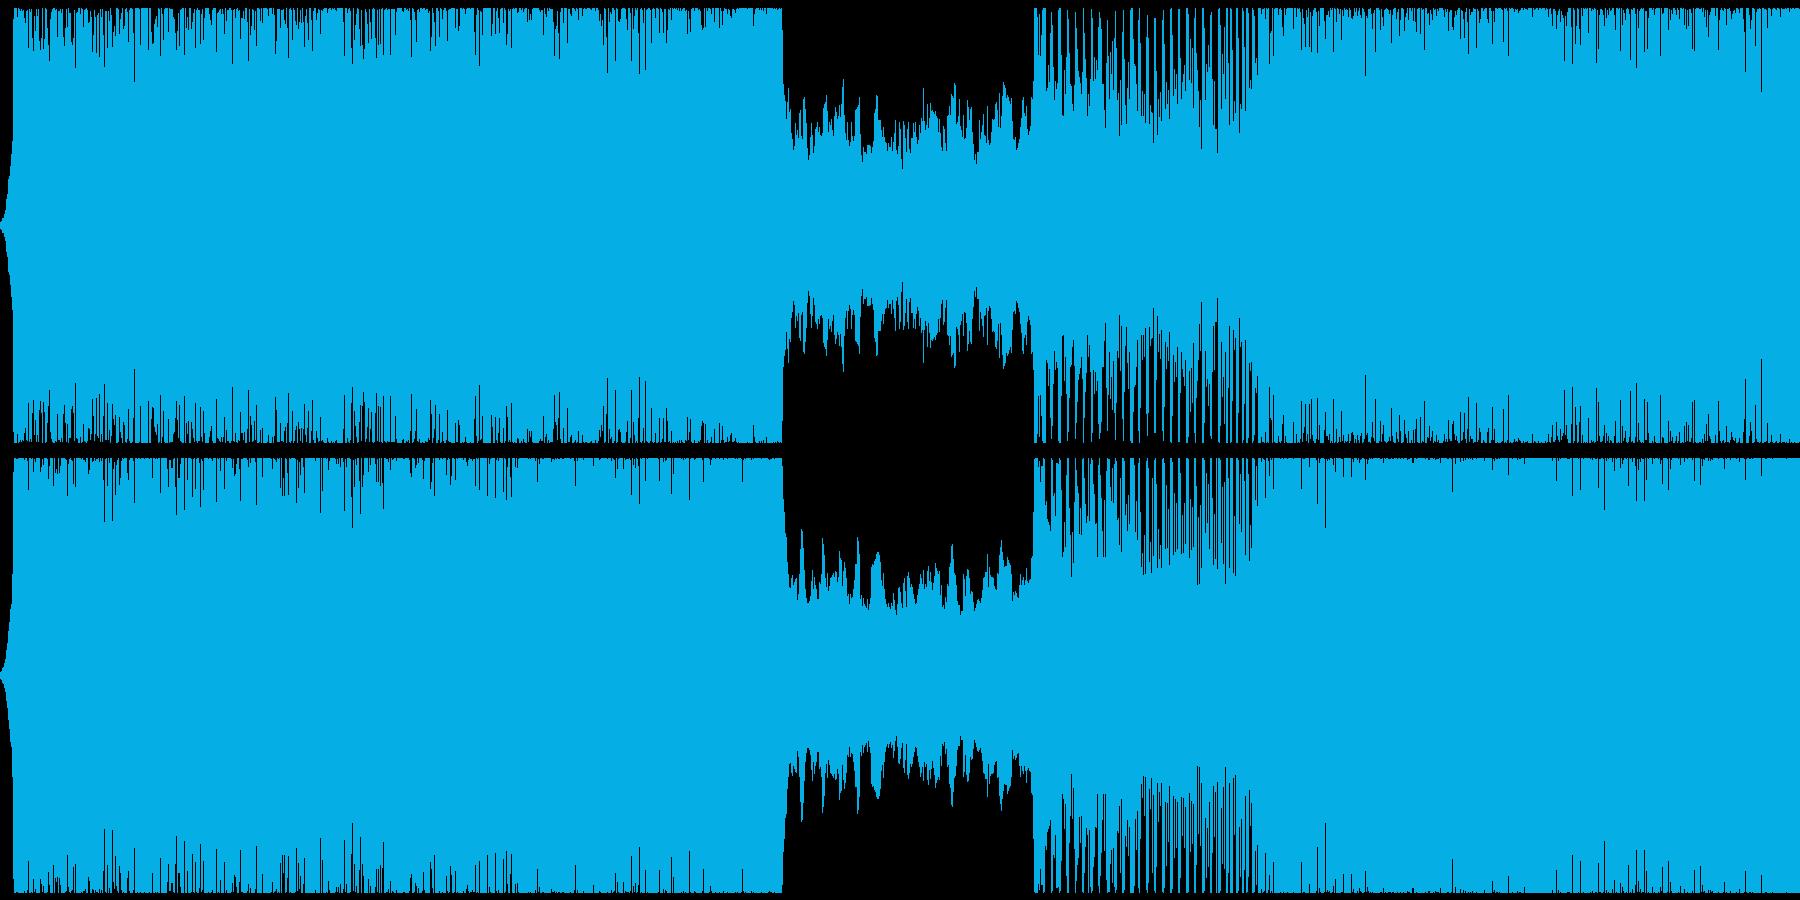 ゲーム用BGM 導入部向けテクノの再生済みの波形